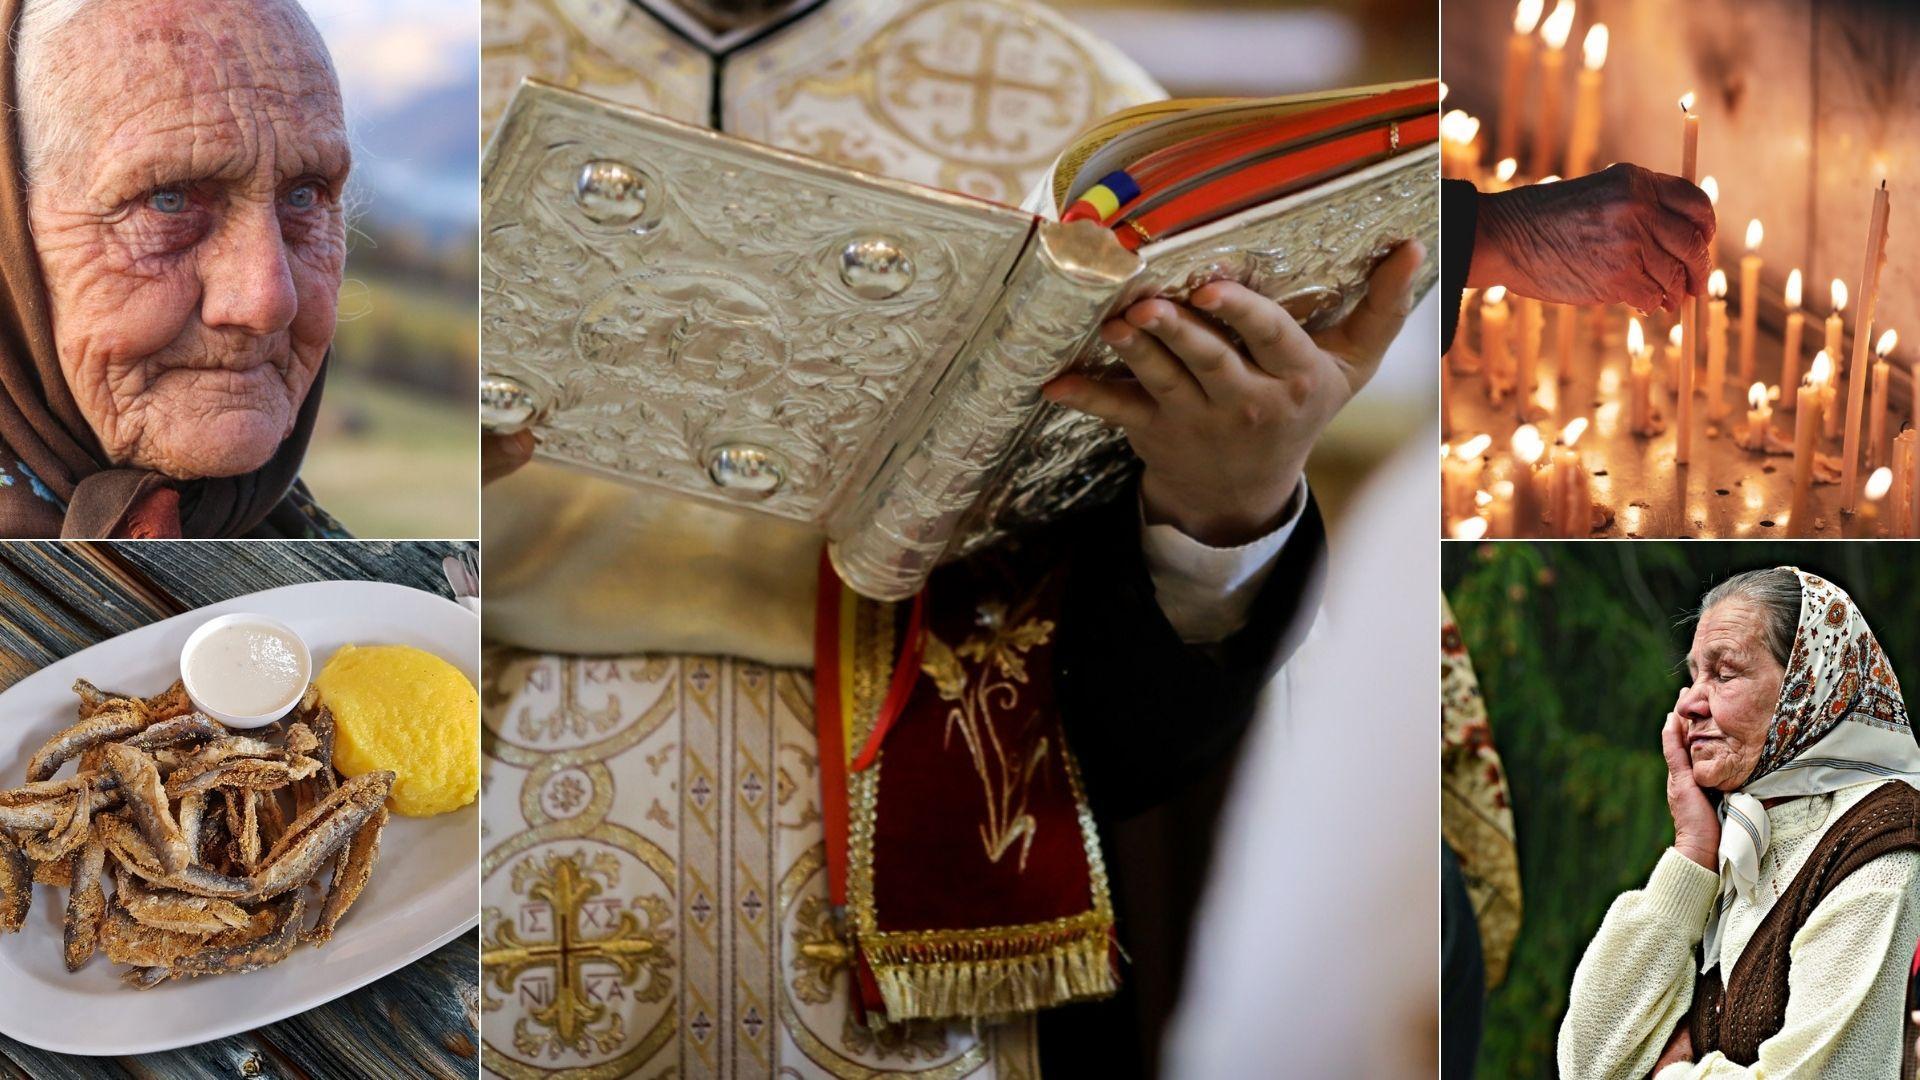 colaj de imagini cu un preot, doua femei, lumanari si peste cu mamaliga